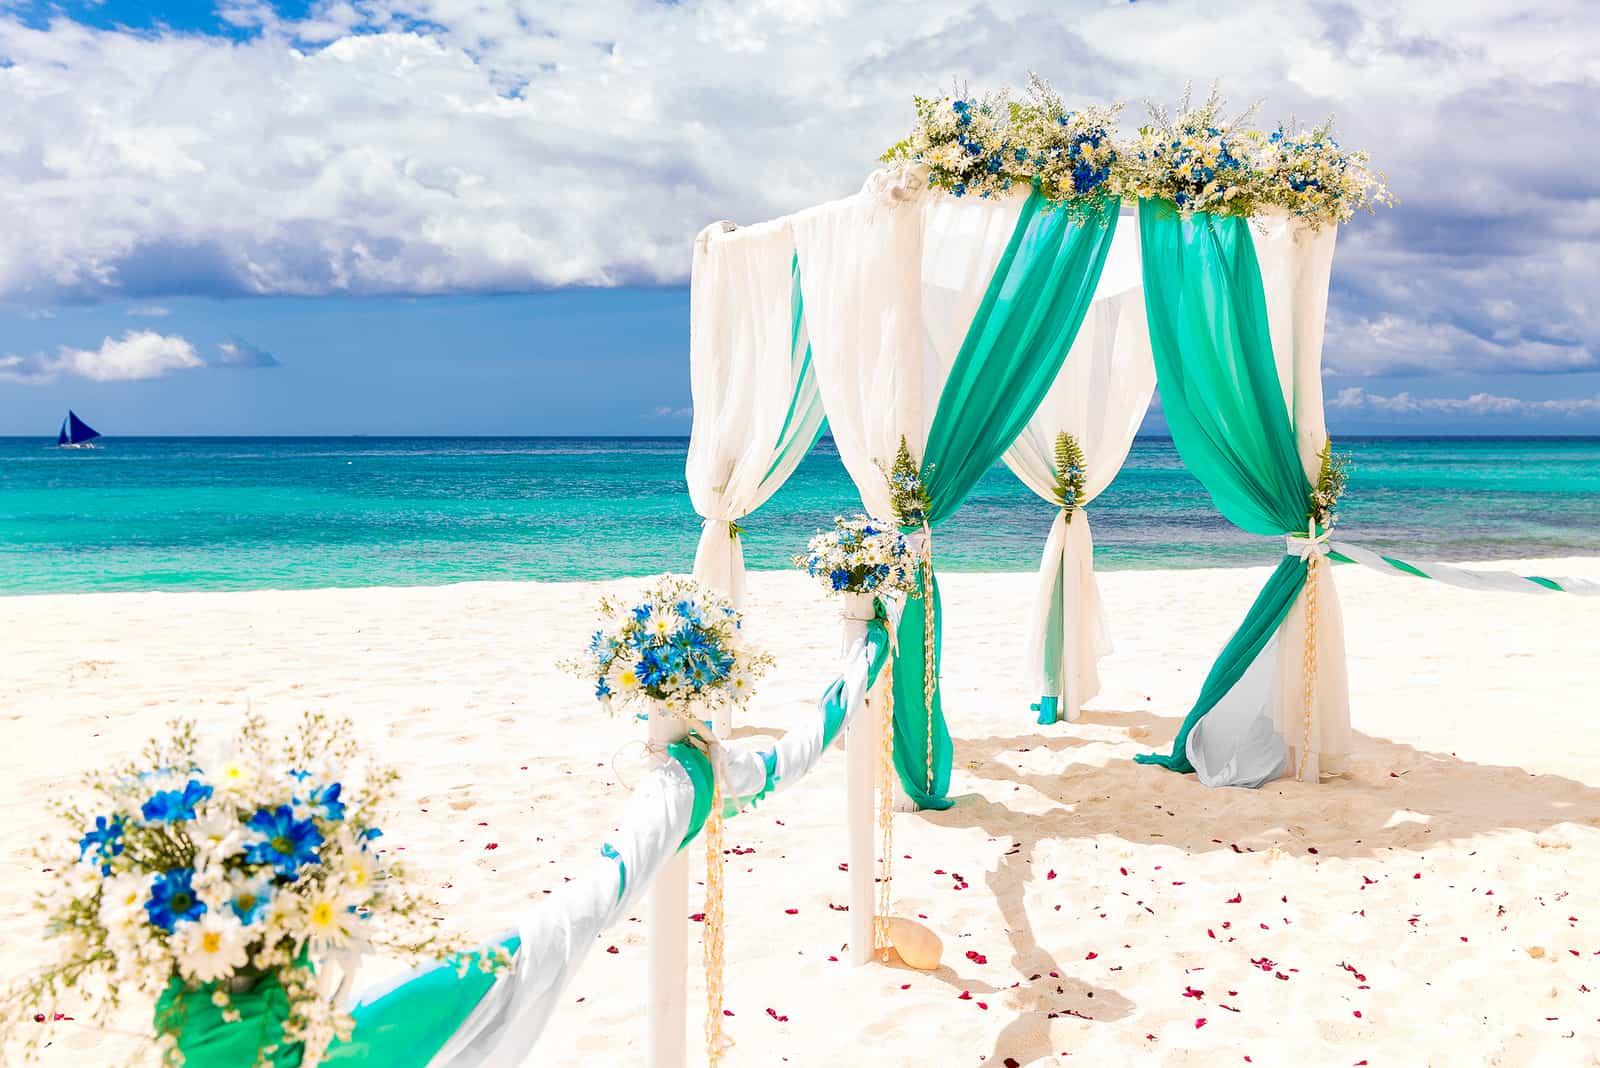 Hochzeitsbogen verziert mit Blumen am tropischen Sandstrand